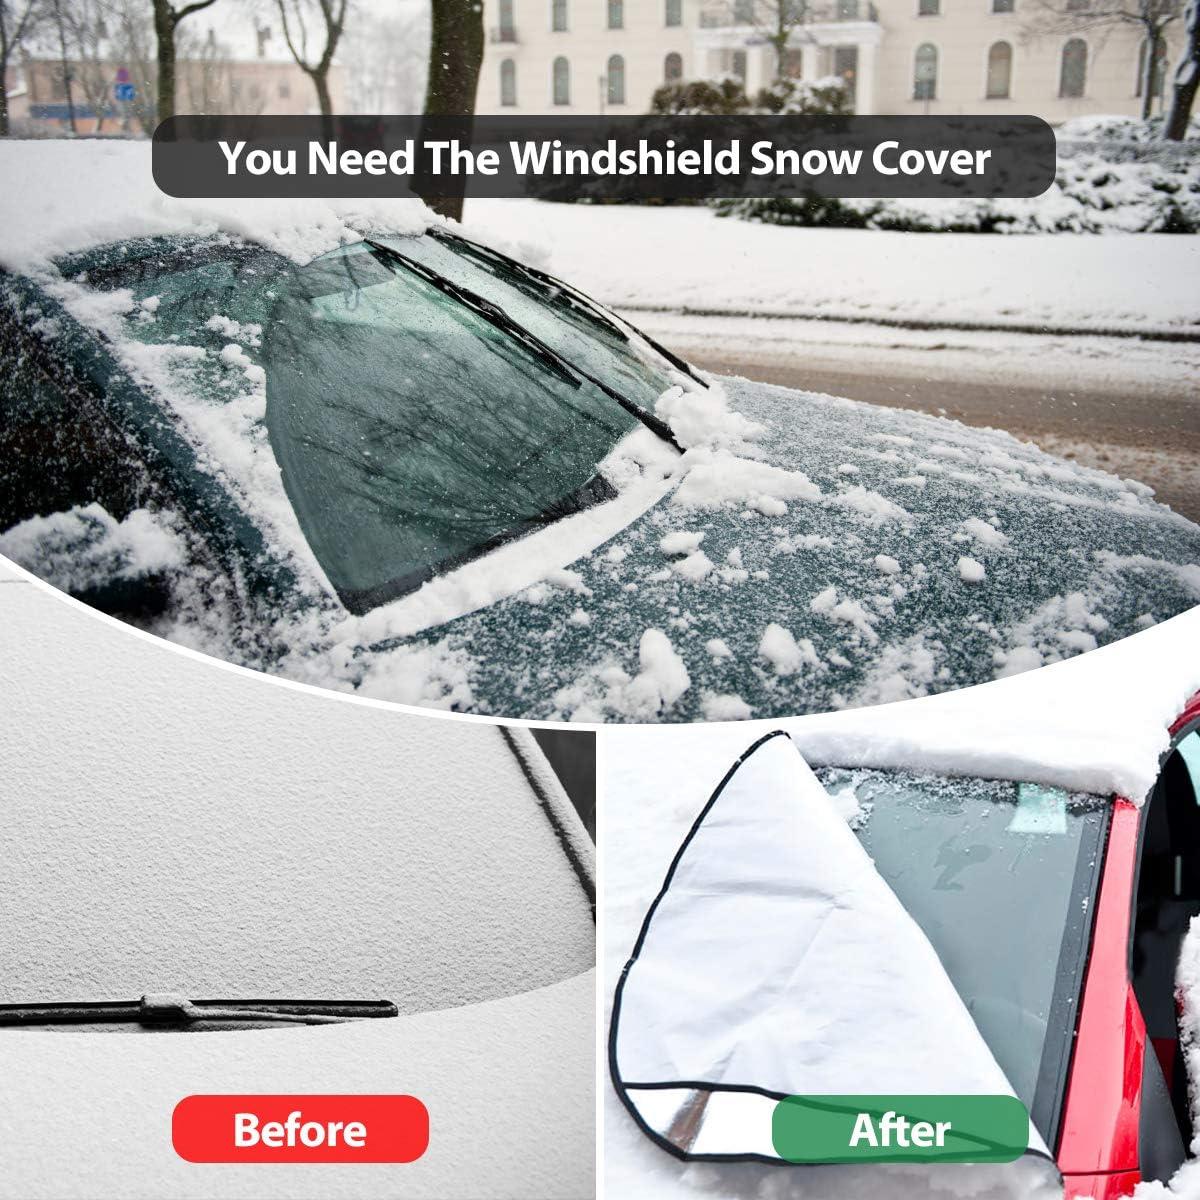 95.3*55.9 Windschutzscheibe Cover Protector wasserdicht Anti-Frost Schnee Sonnenschutz ROCONTRIP Auto Windschutzscheibe Frostschutz